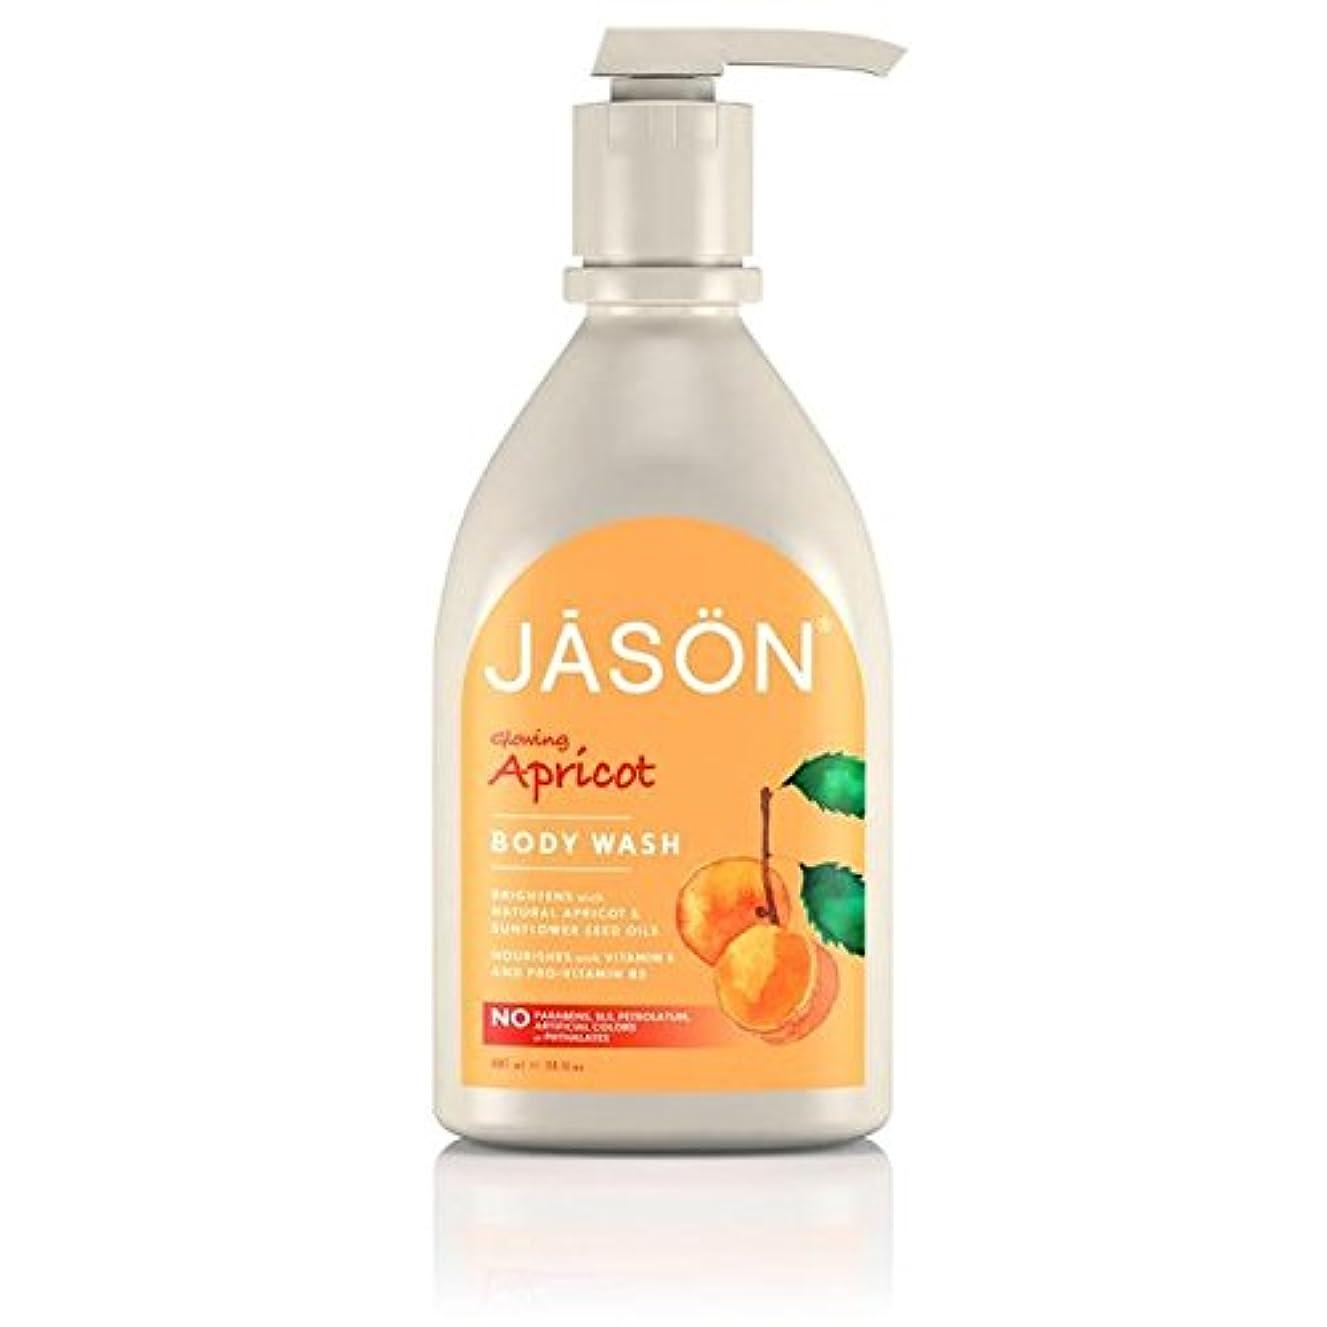 支店ファンコックジェイソン?アプリコットサテンボディウォッシュポンプ900ミリリットル x4 - Jason Apricot Satin Body Wash Pump 900ml (Pack of 4) [並行輸入品]